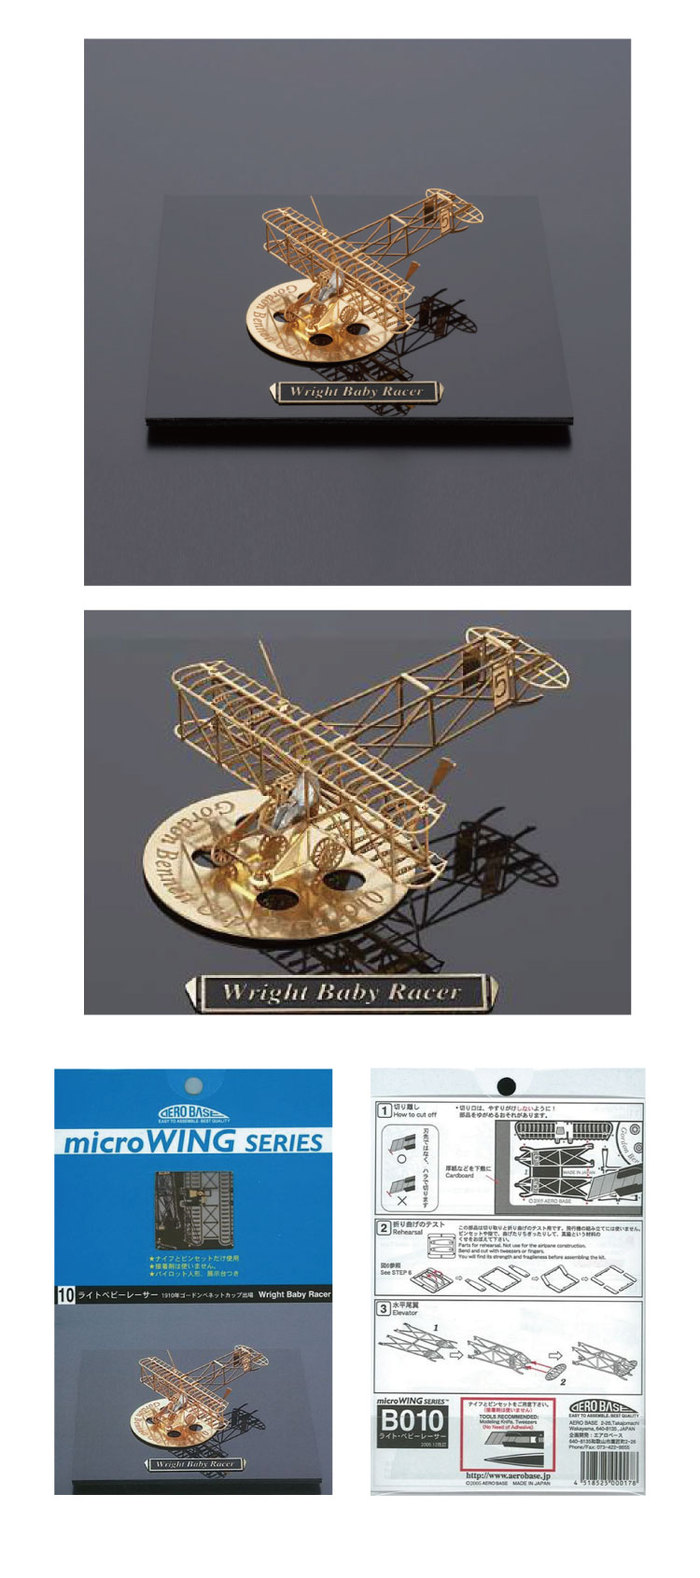 (複製)Aerobase 金屬模型組裝飛機Santos Dumont 14bit黃銅材質模型(1/160)